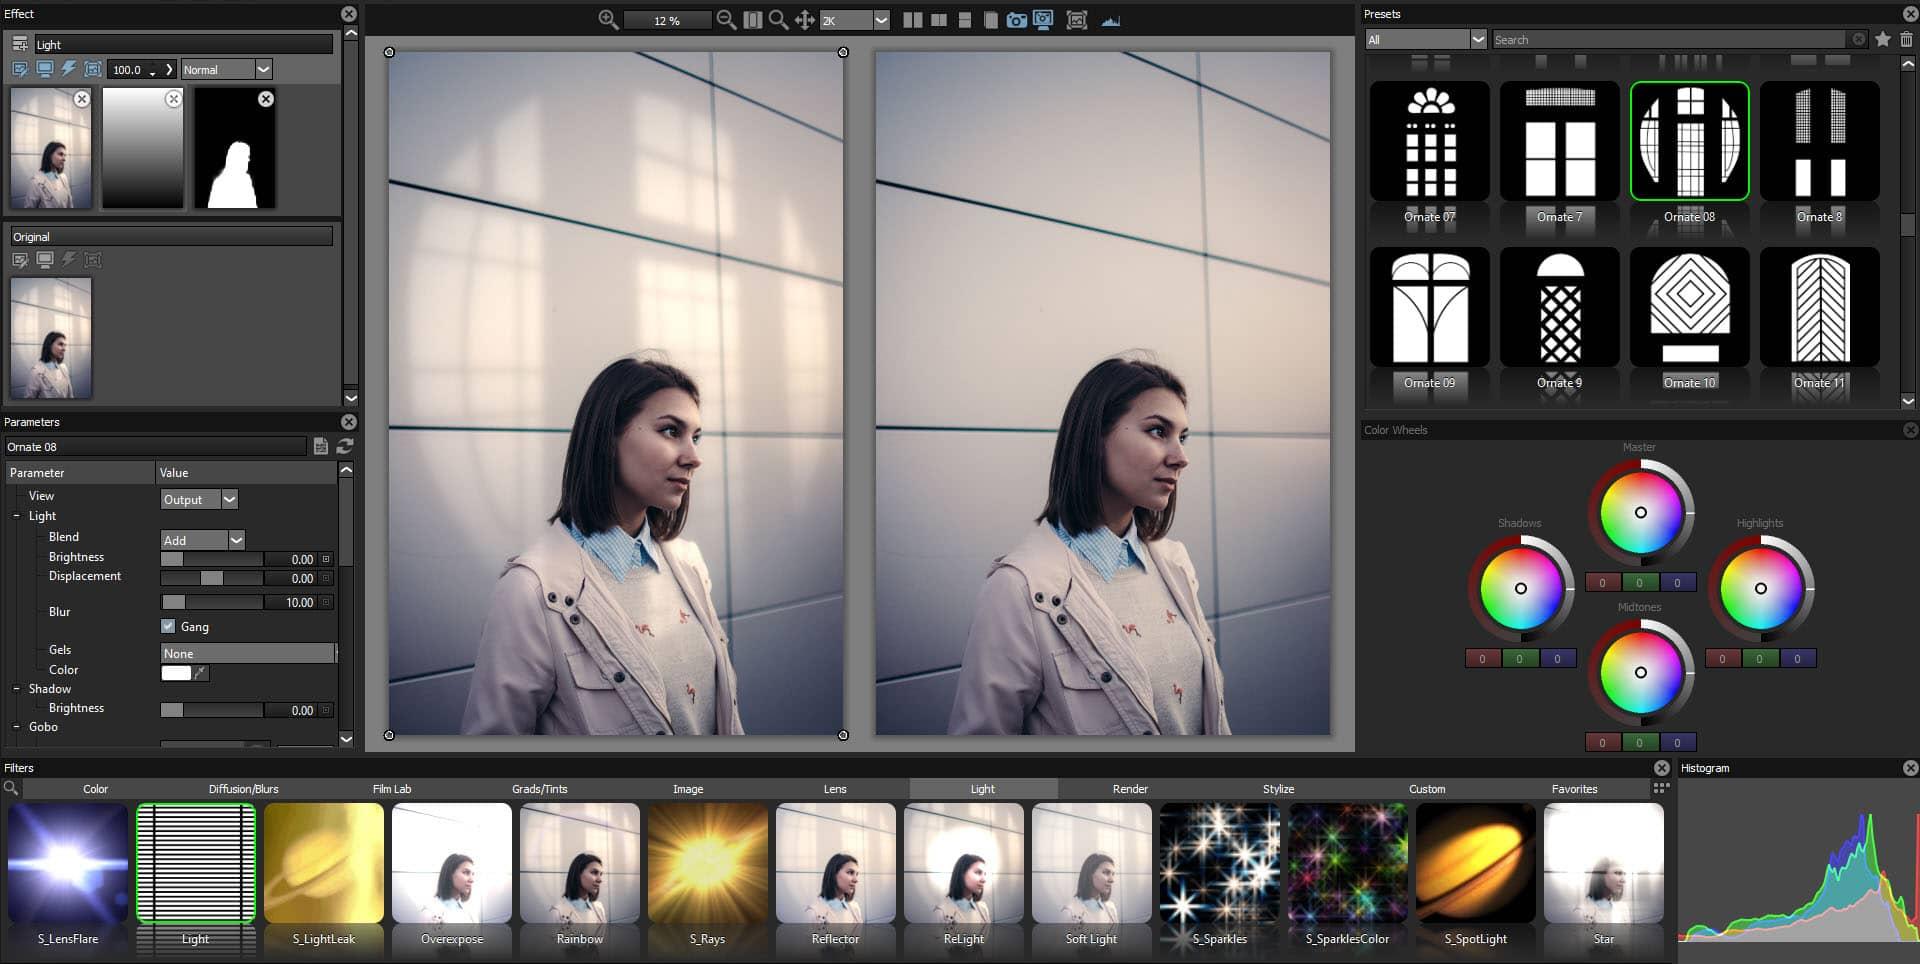 نرم افزار بوریس اپتیک Adobe Photoshop و Lightroom